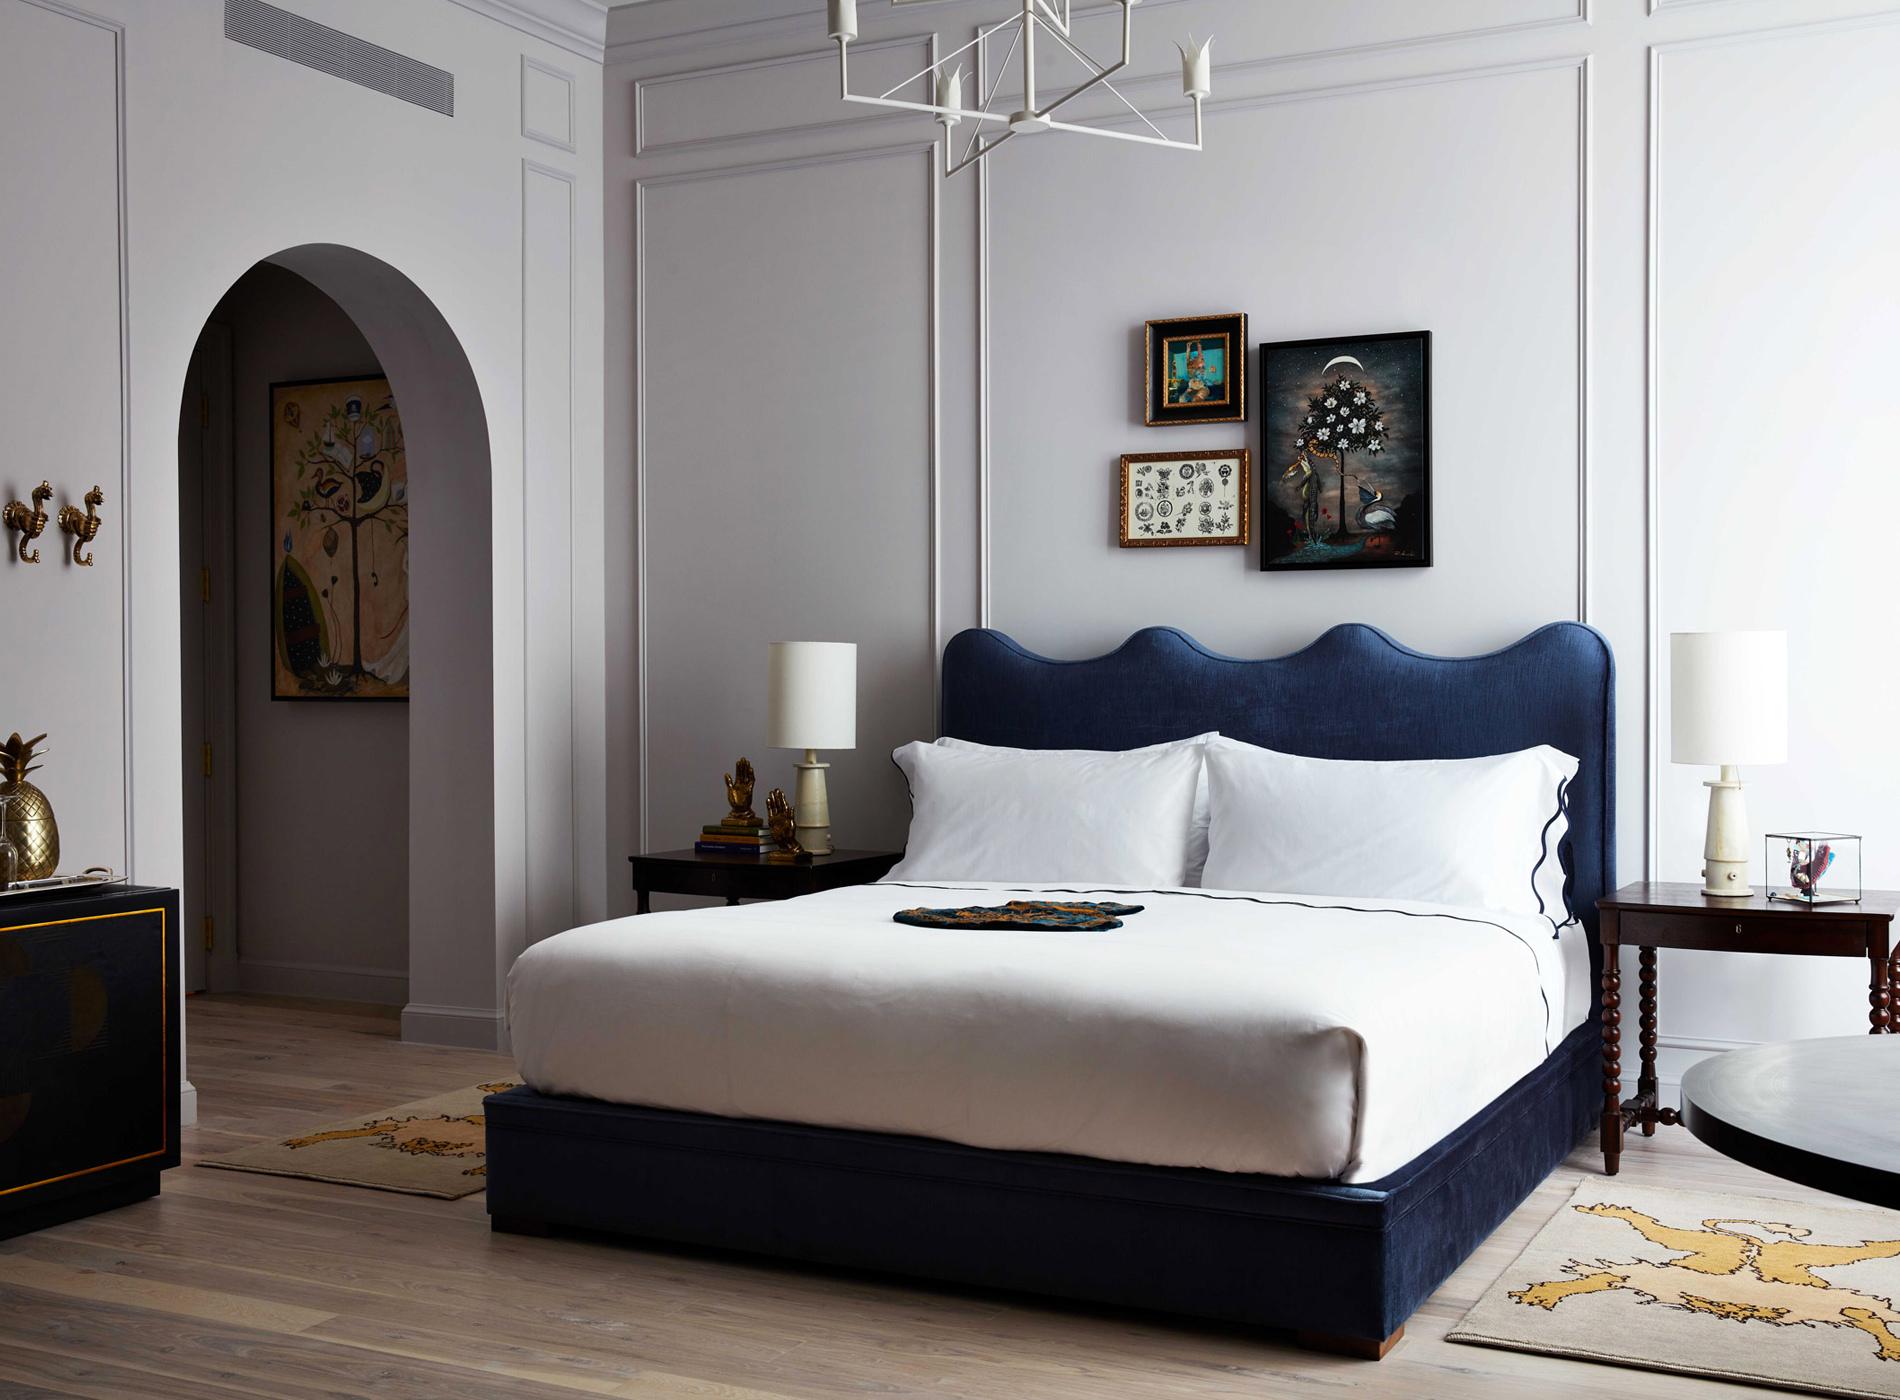 City Guide La Nouvelle-Orléans New Orleans La Maison de la Luz Ace Hotel Chambre